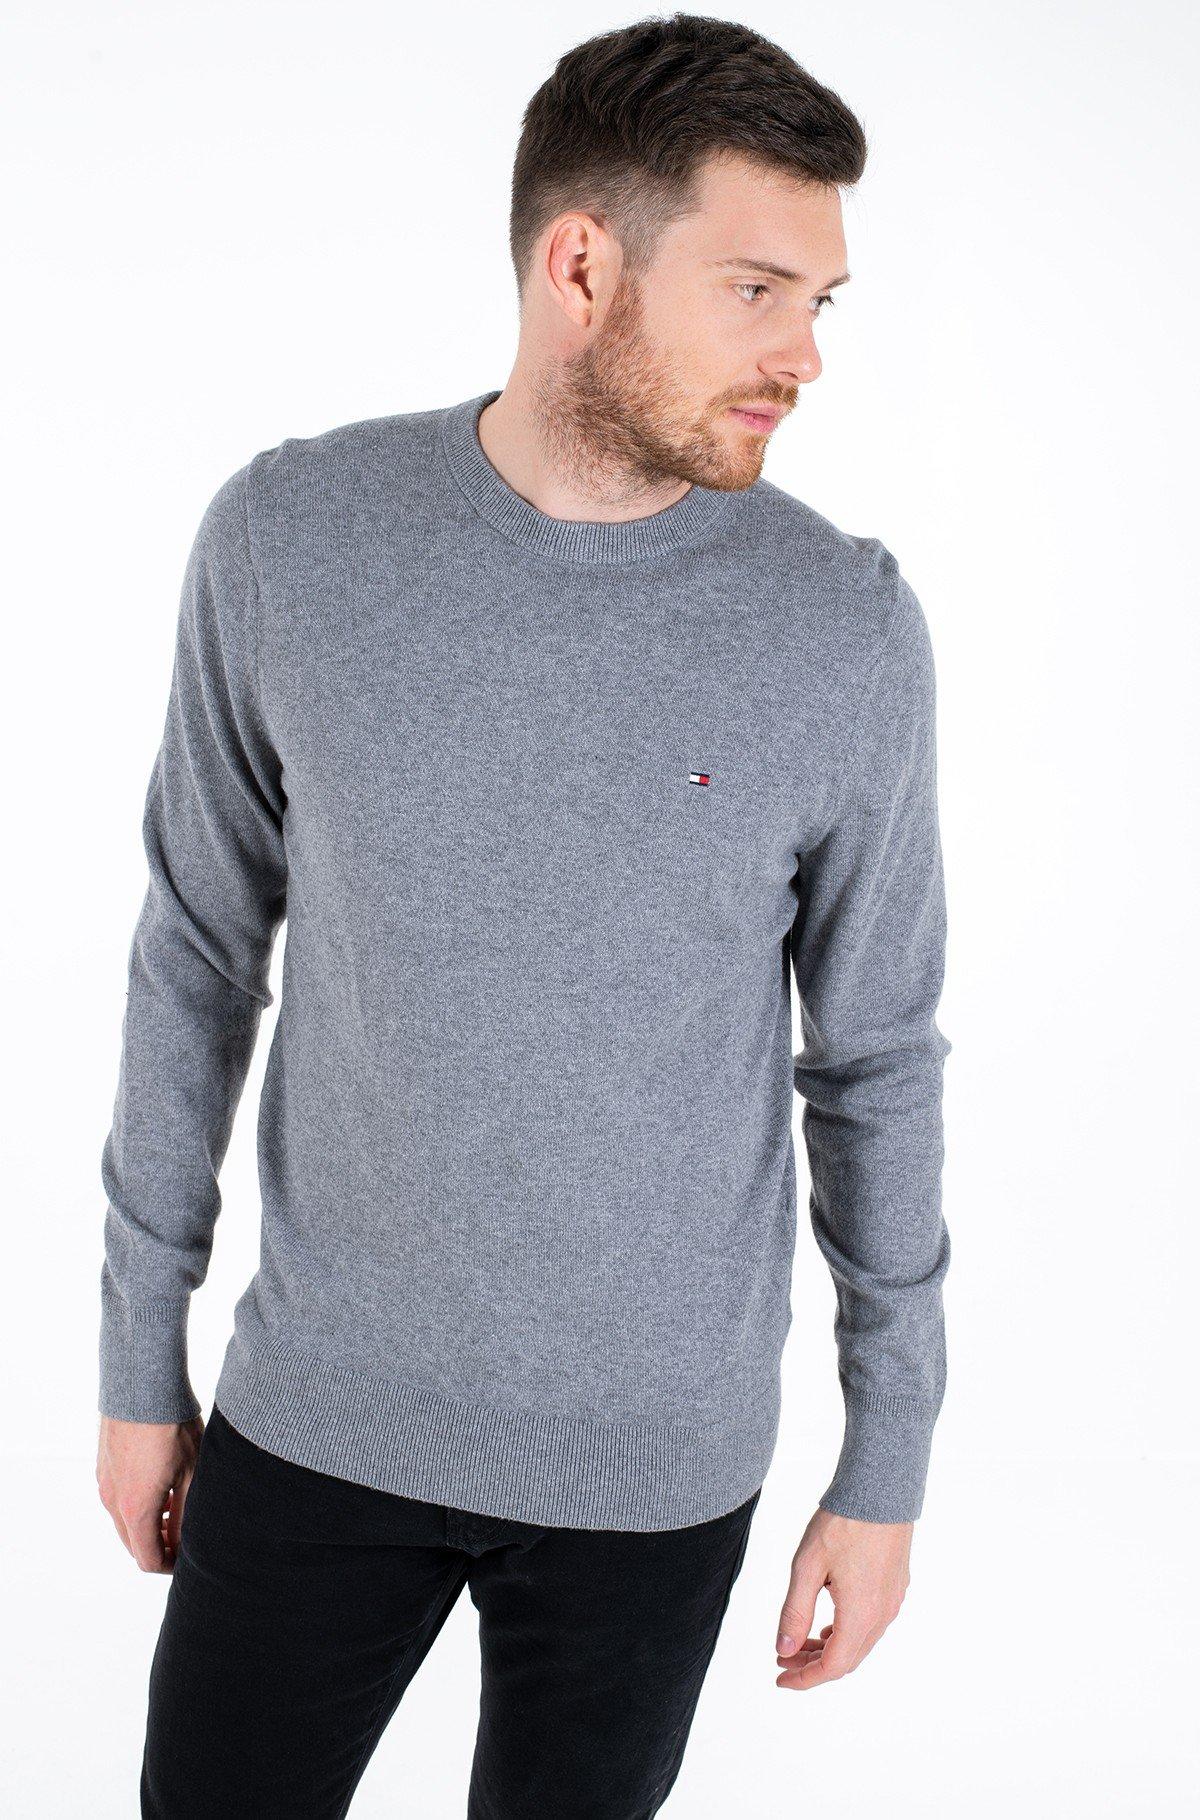 Sweater PIMA COTTON CASHMERE CREW NECK-full-1